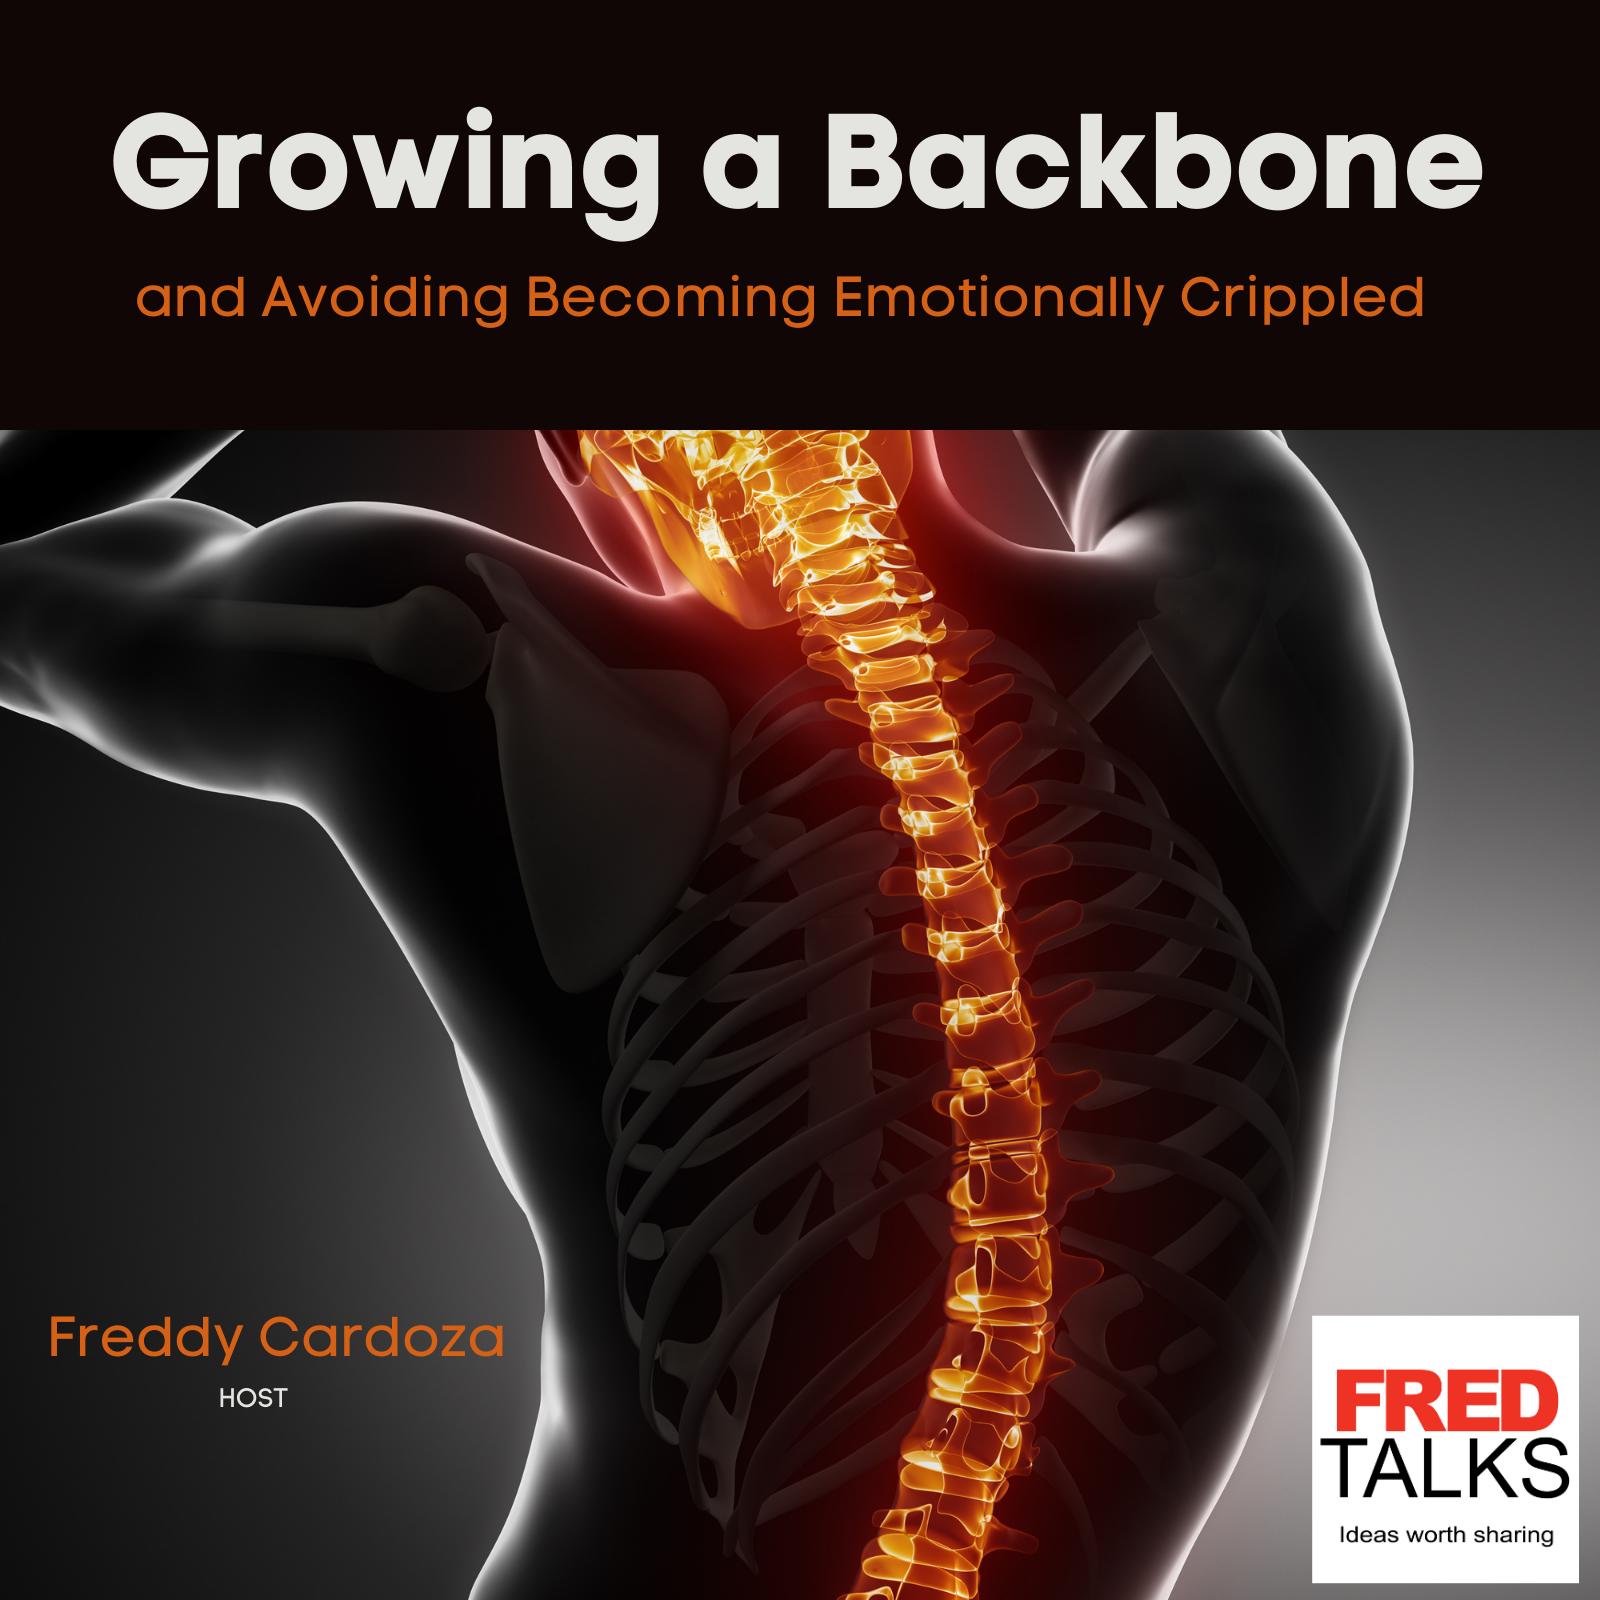 Growing a Backbone